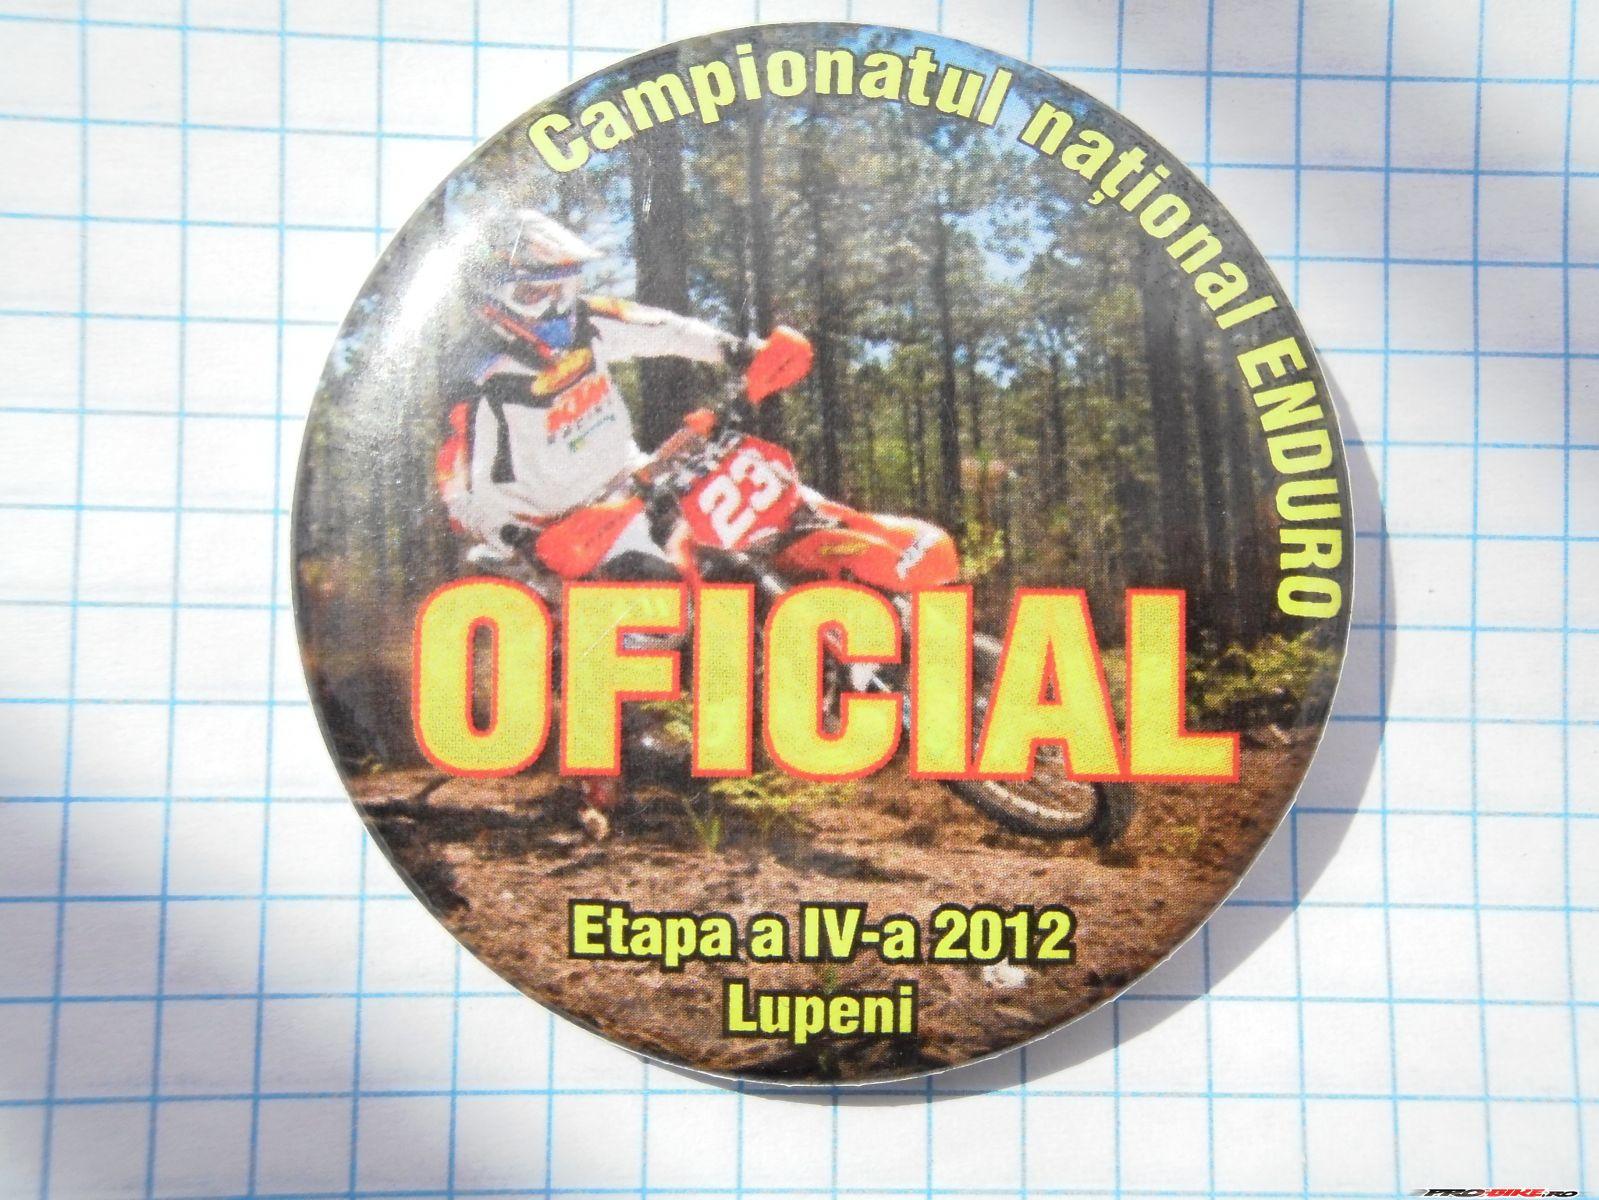 CN Enduro-Motocros 2012 Lupeni, HD